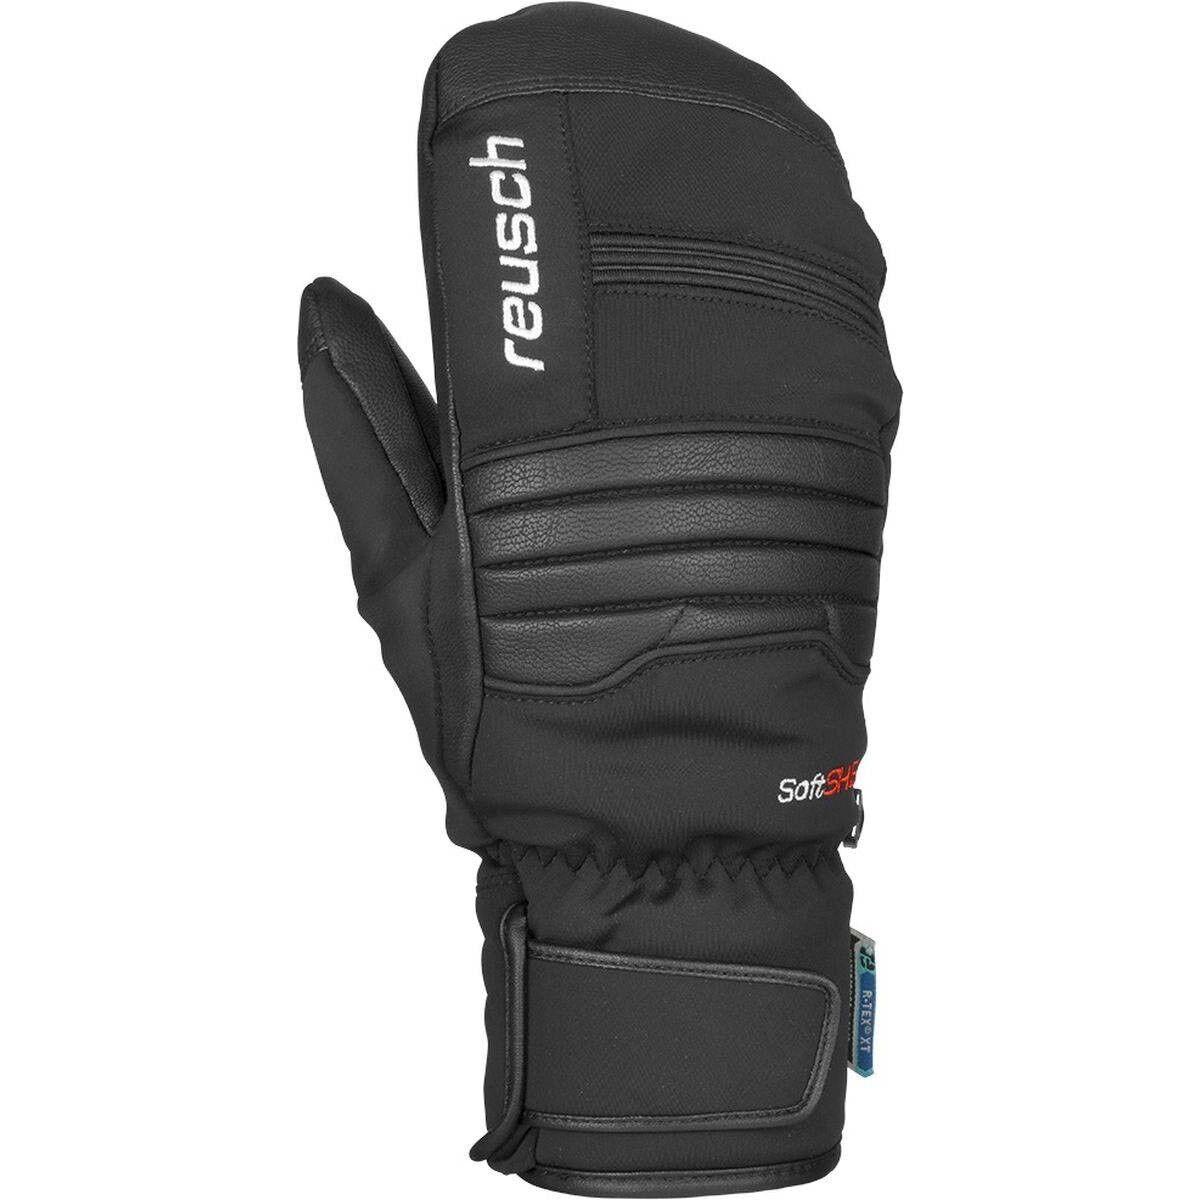 Reusch Arise R-TEX XT Mitten Skihandschuhe black